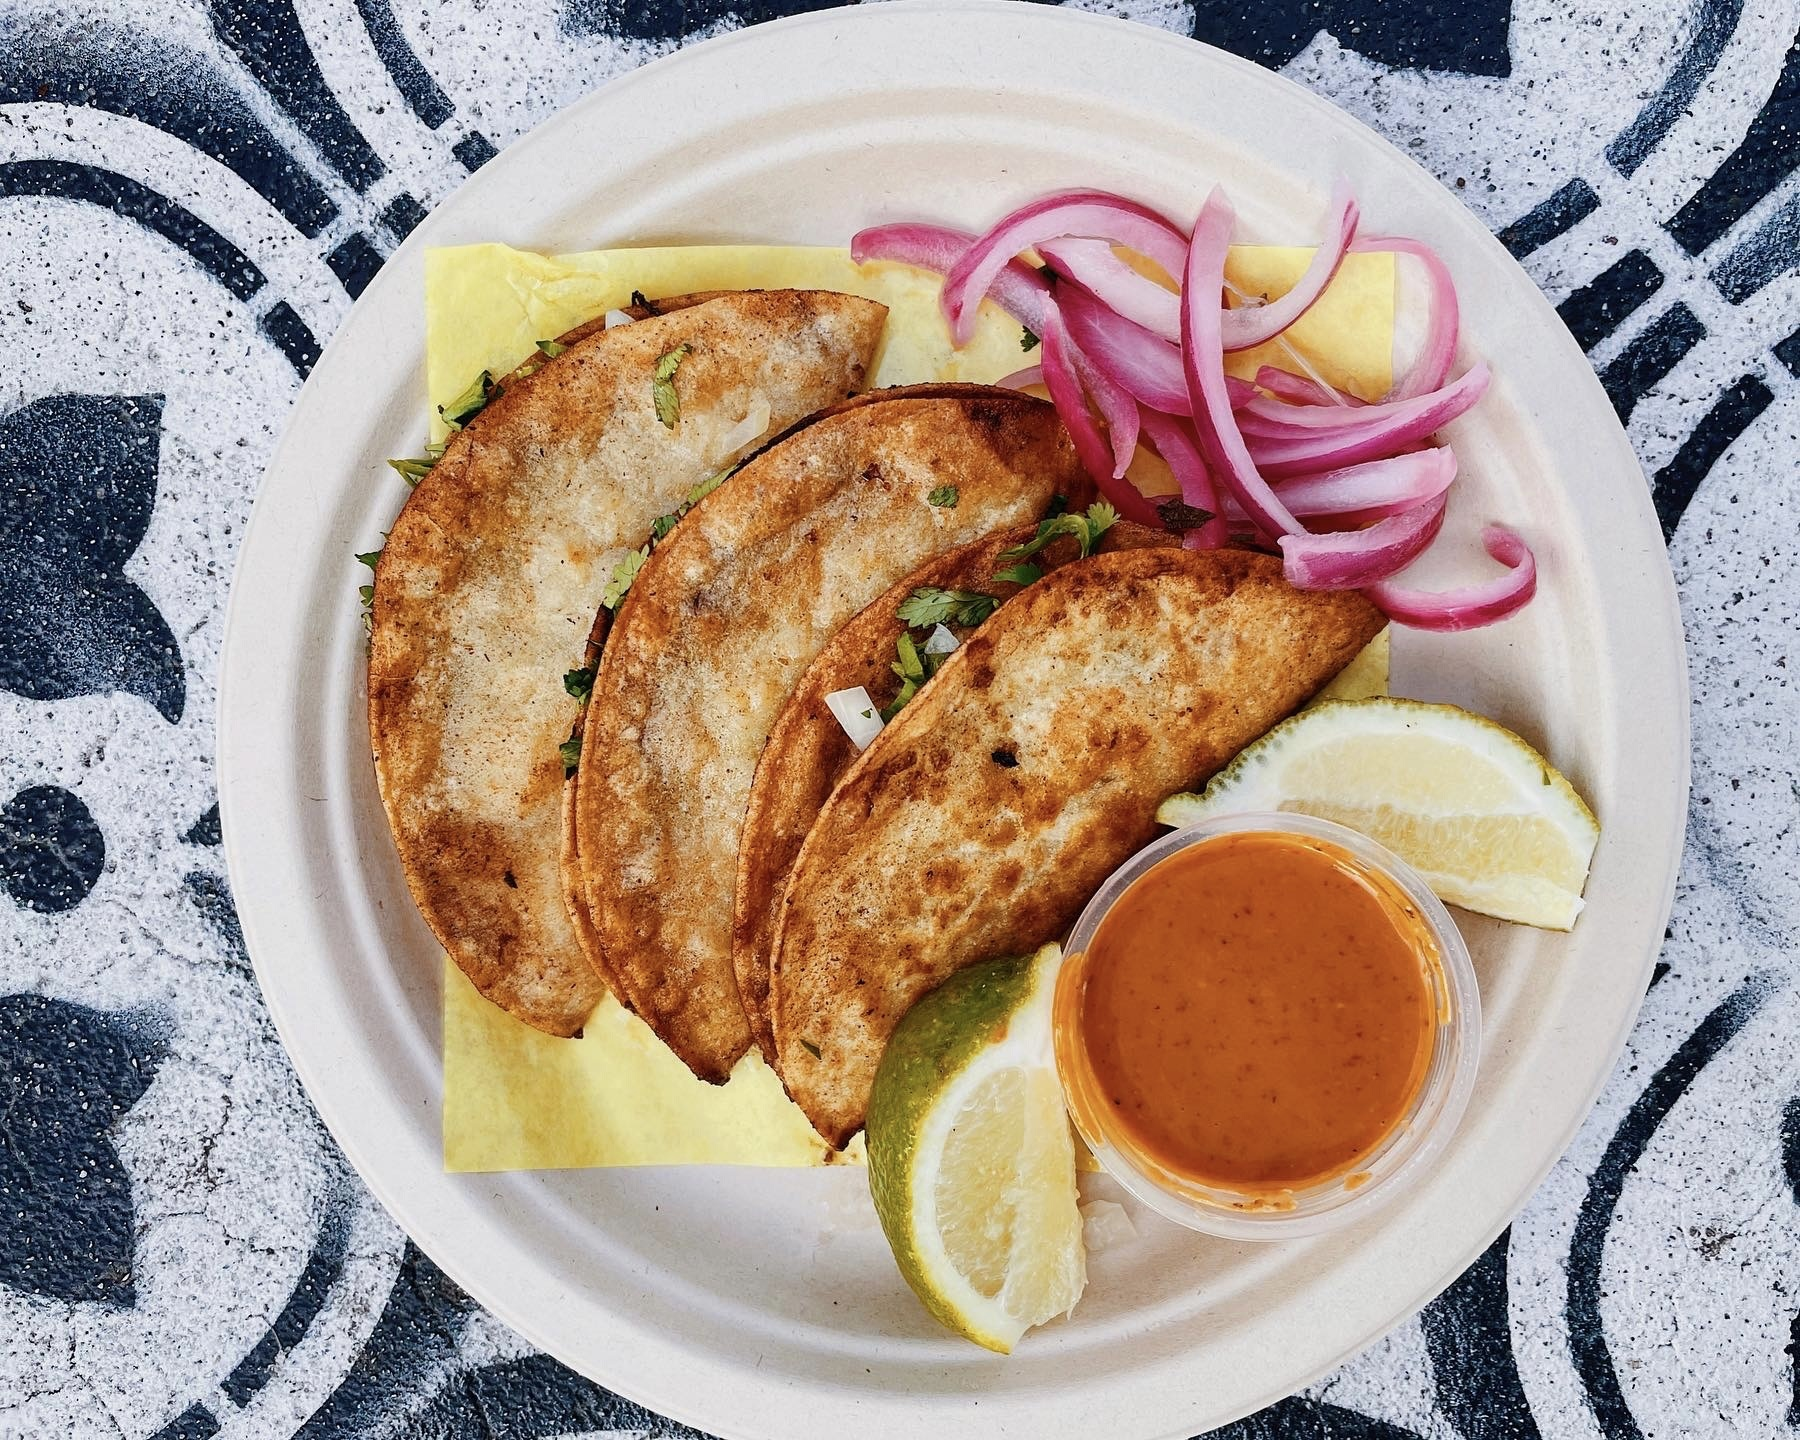 Tamales Elena y Antojitos pescadillas fish tacos